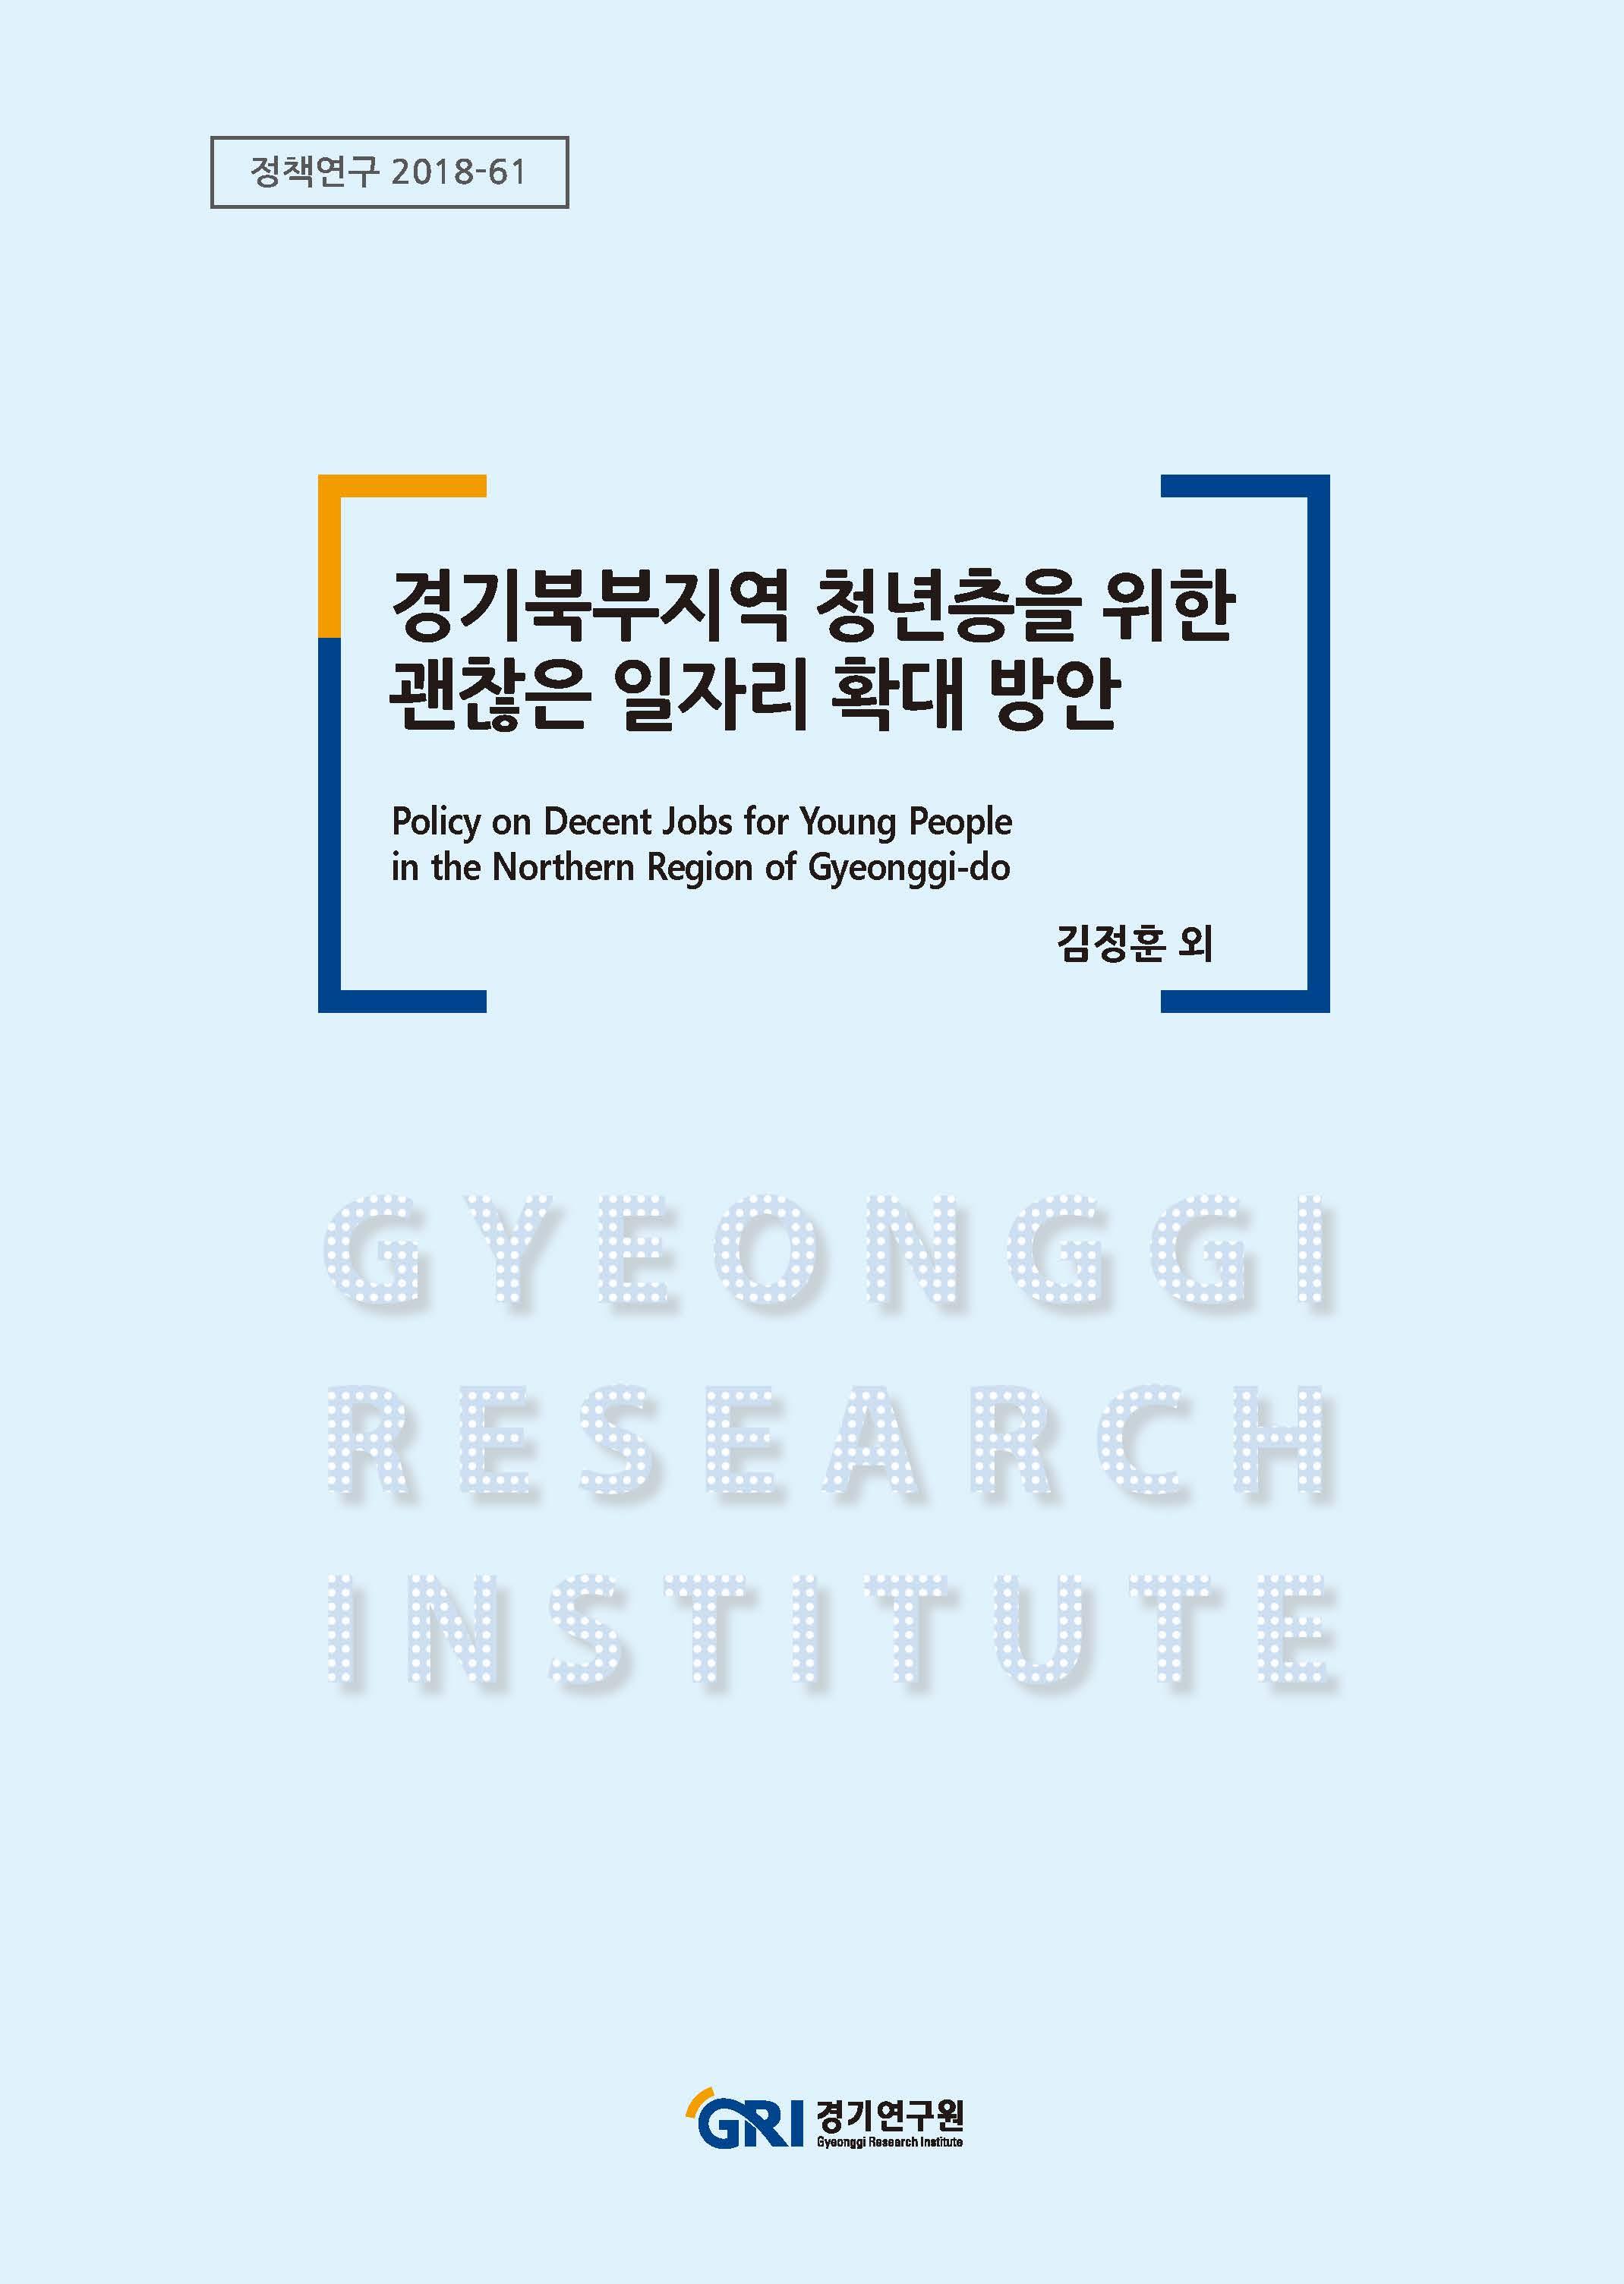 경기북부지역 청년층을 위한 괜찮은 일자리 확대 방안